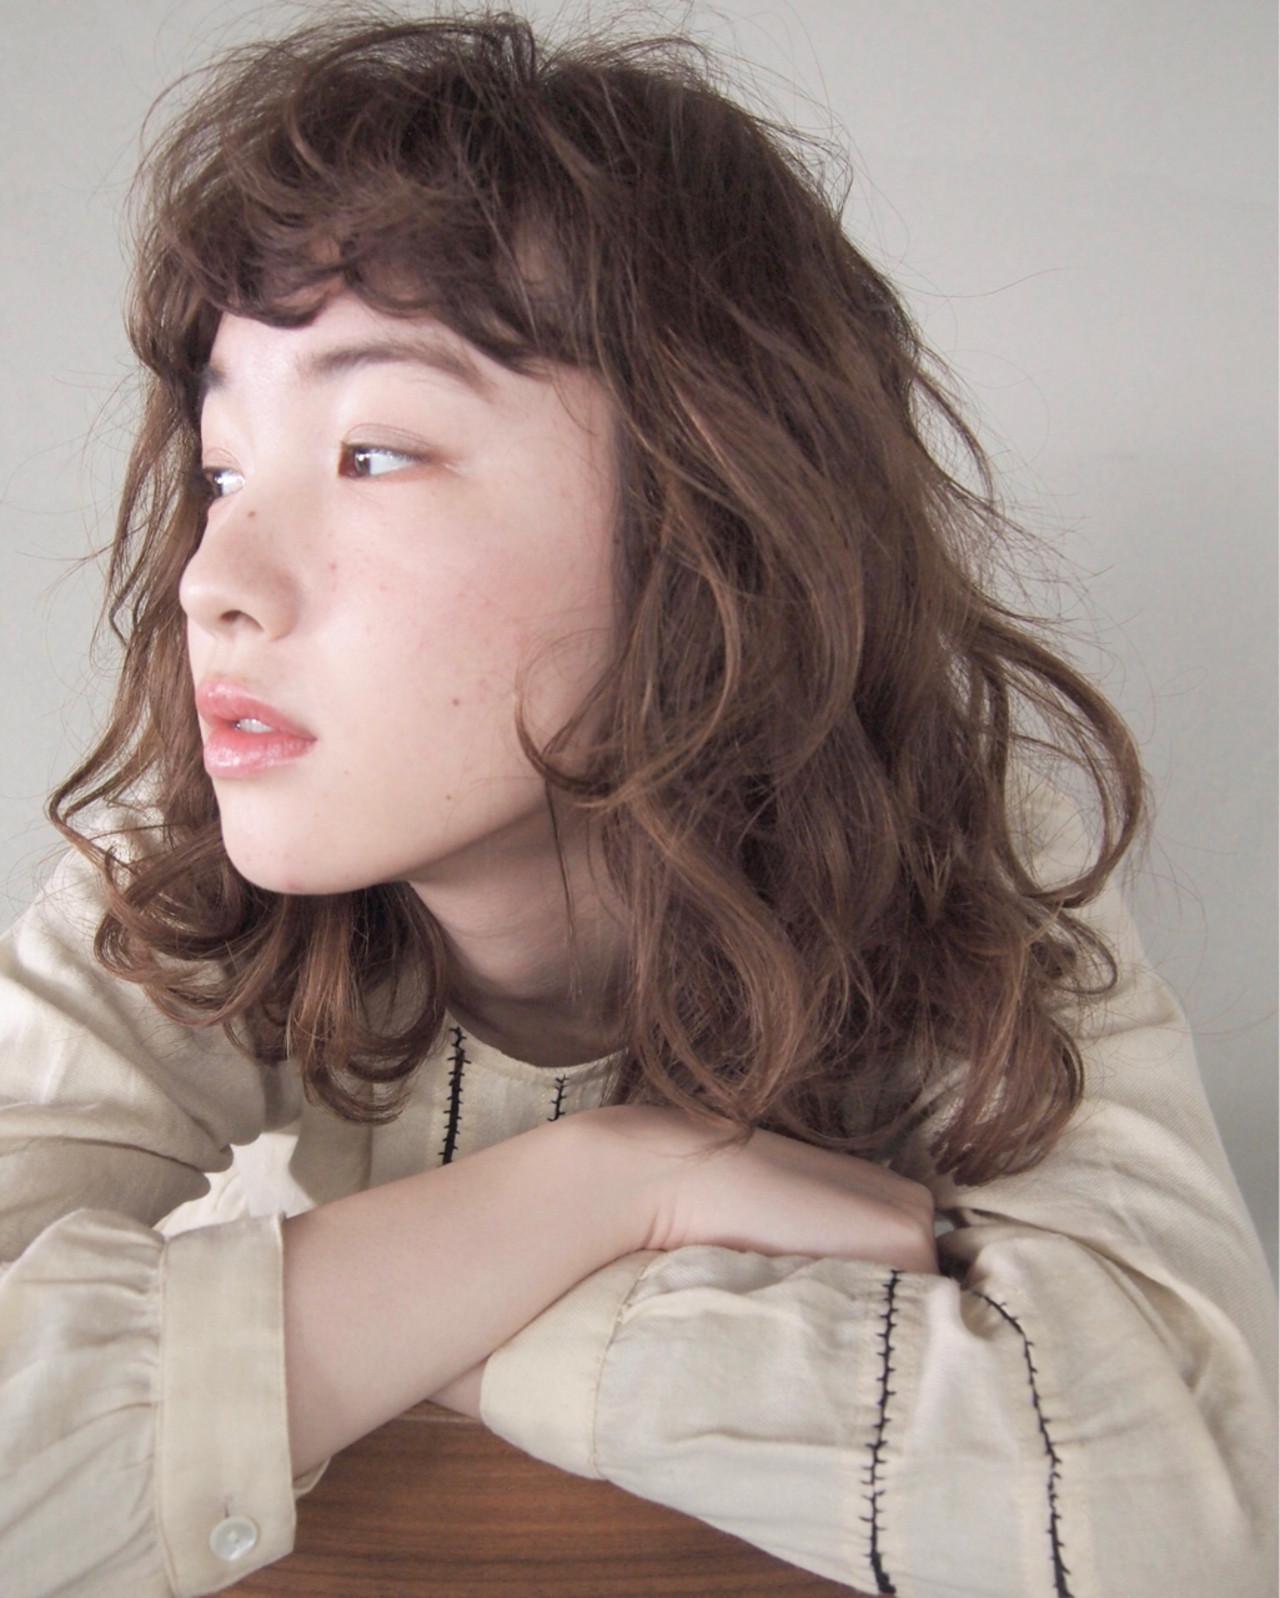 くせ毛の悩みは尽きないもの…! UEKI/nanuk